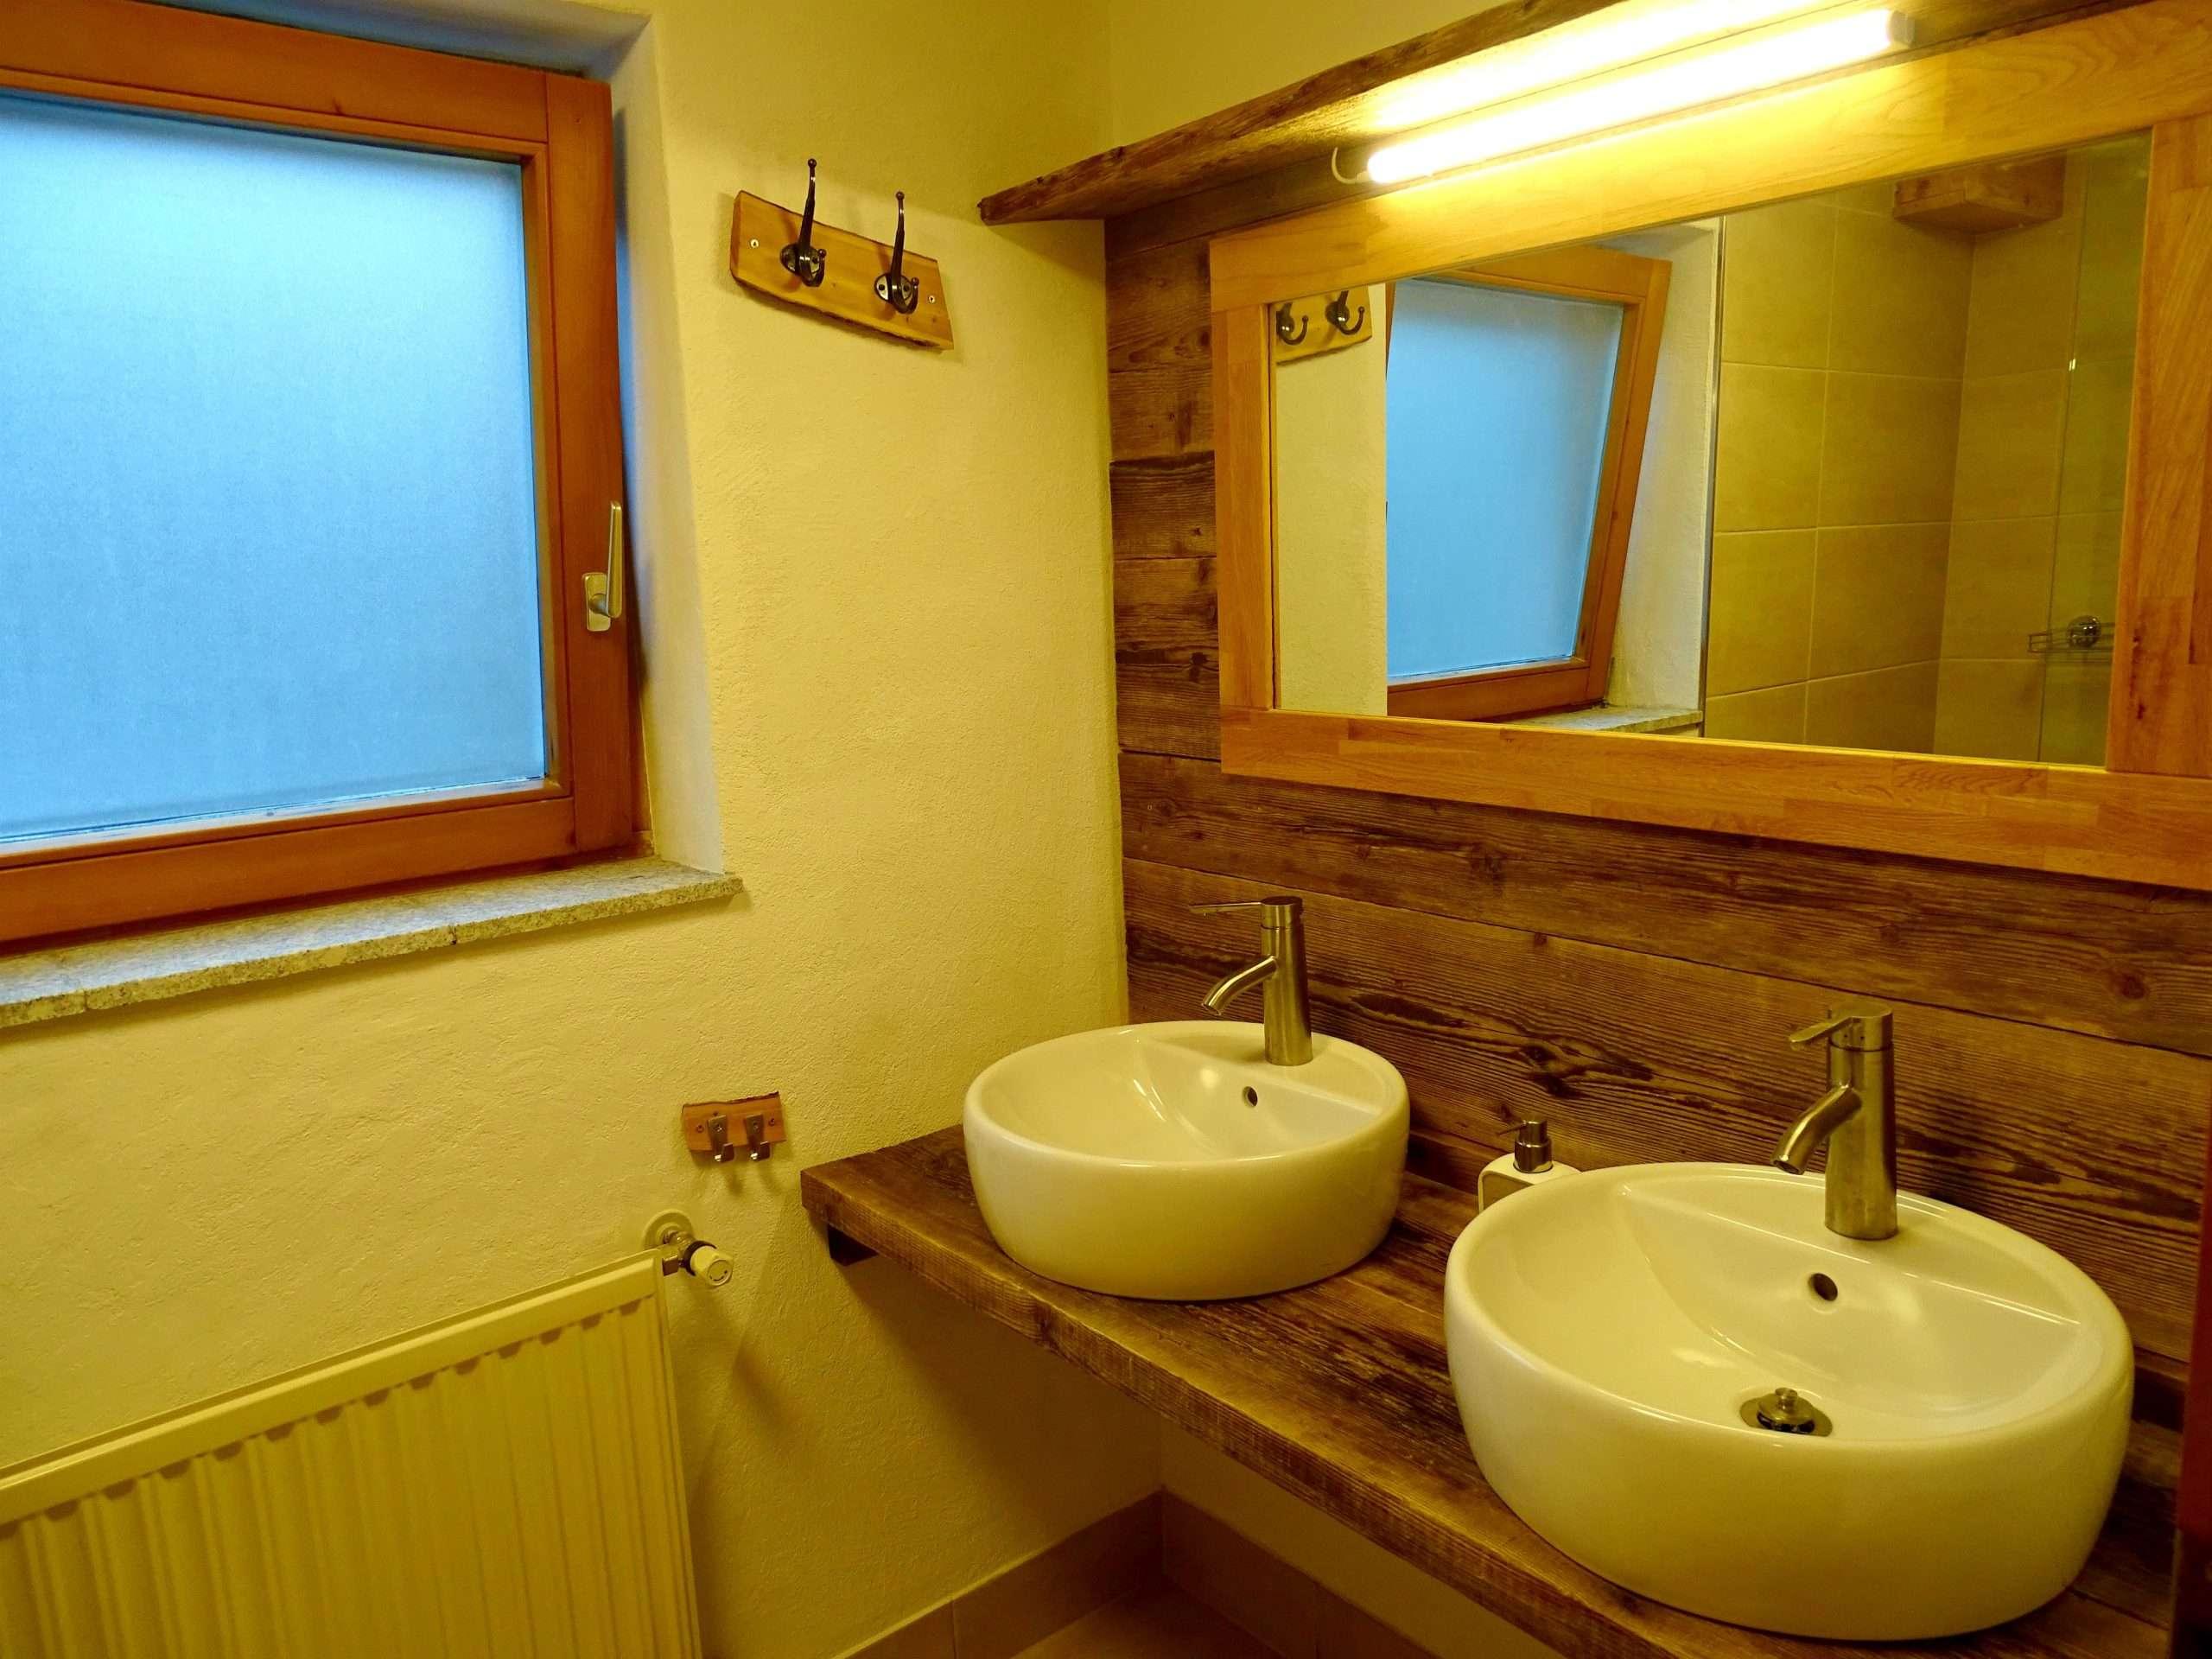 Aberg bathroom, Haus Schneeberg, Hochkoenig